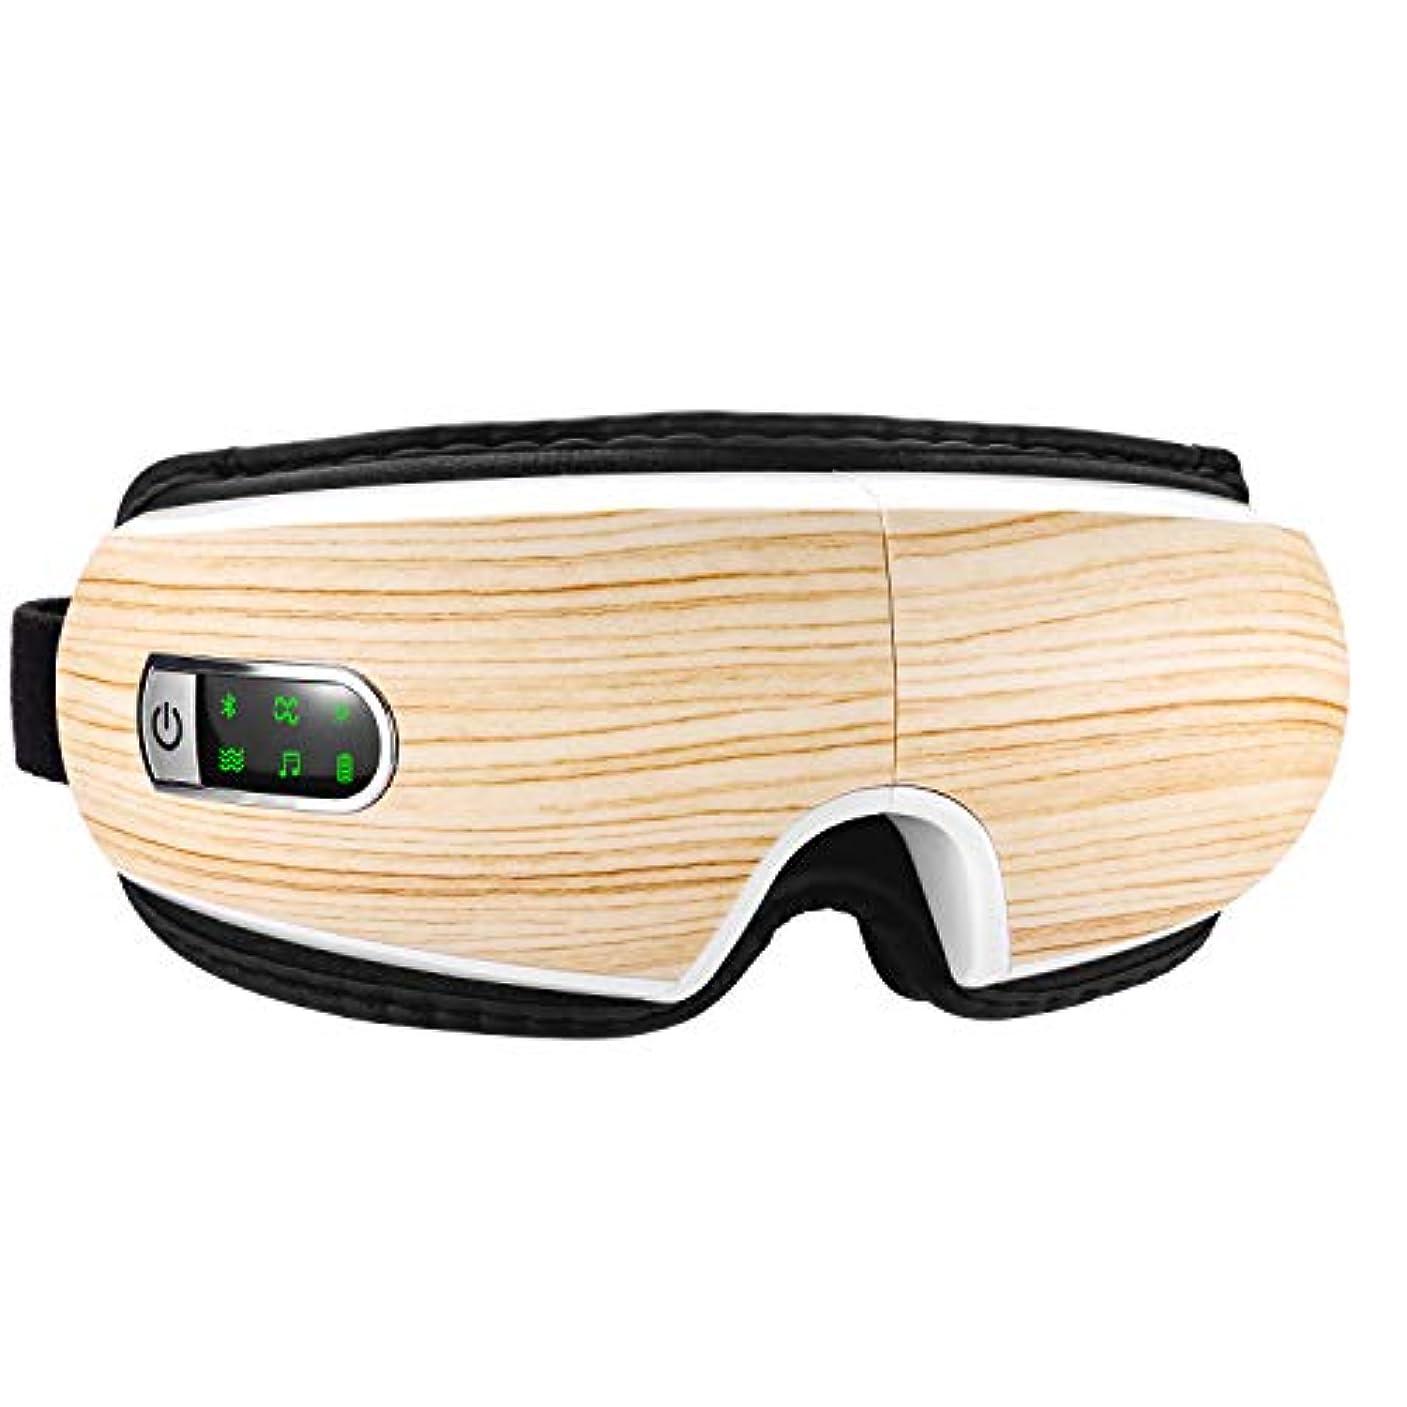 無関心止まる嫌がる目マッサージ器 目元エステ 目元美顔器 ホットアイマスク 快眠グッズ 振動機能 音楽機能 USB充電式 タイマー機能 アイマスク